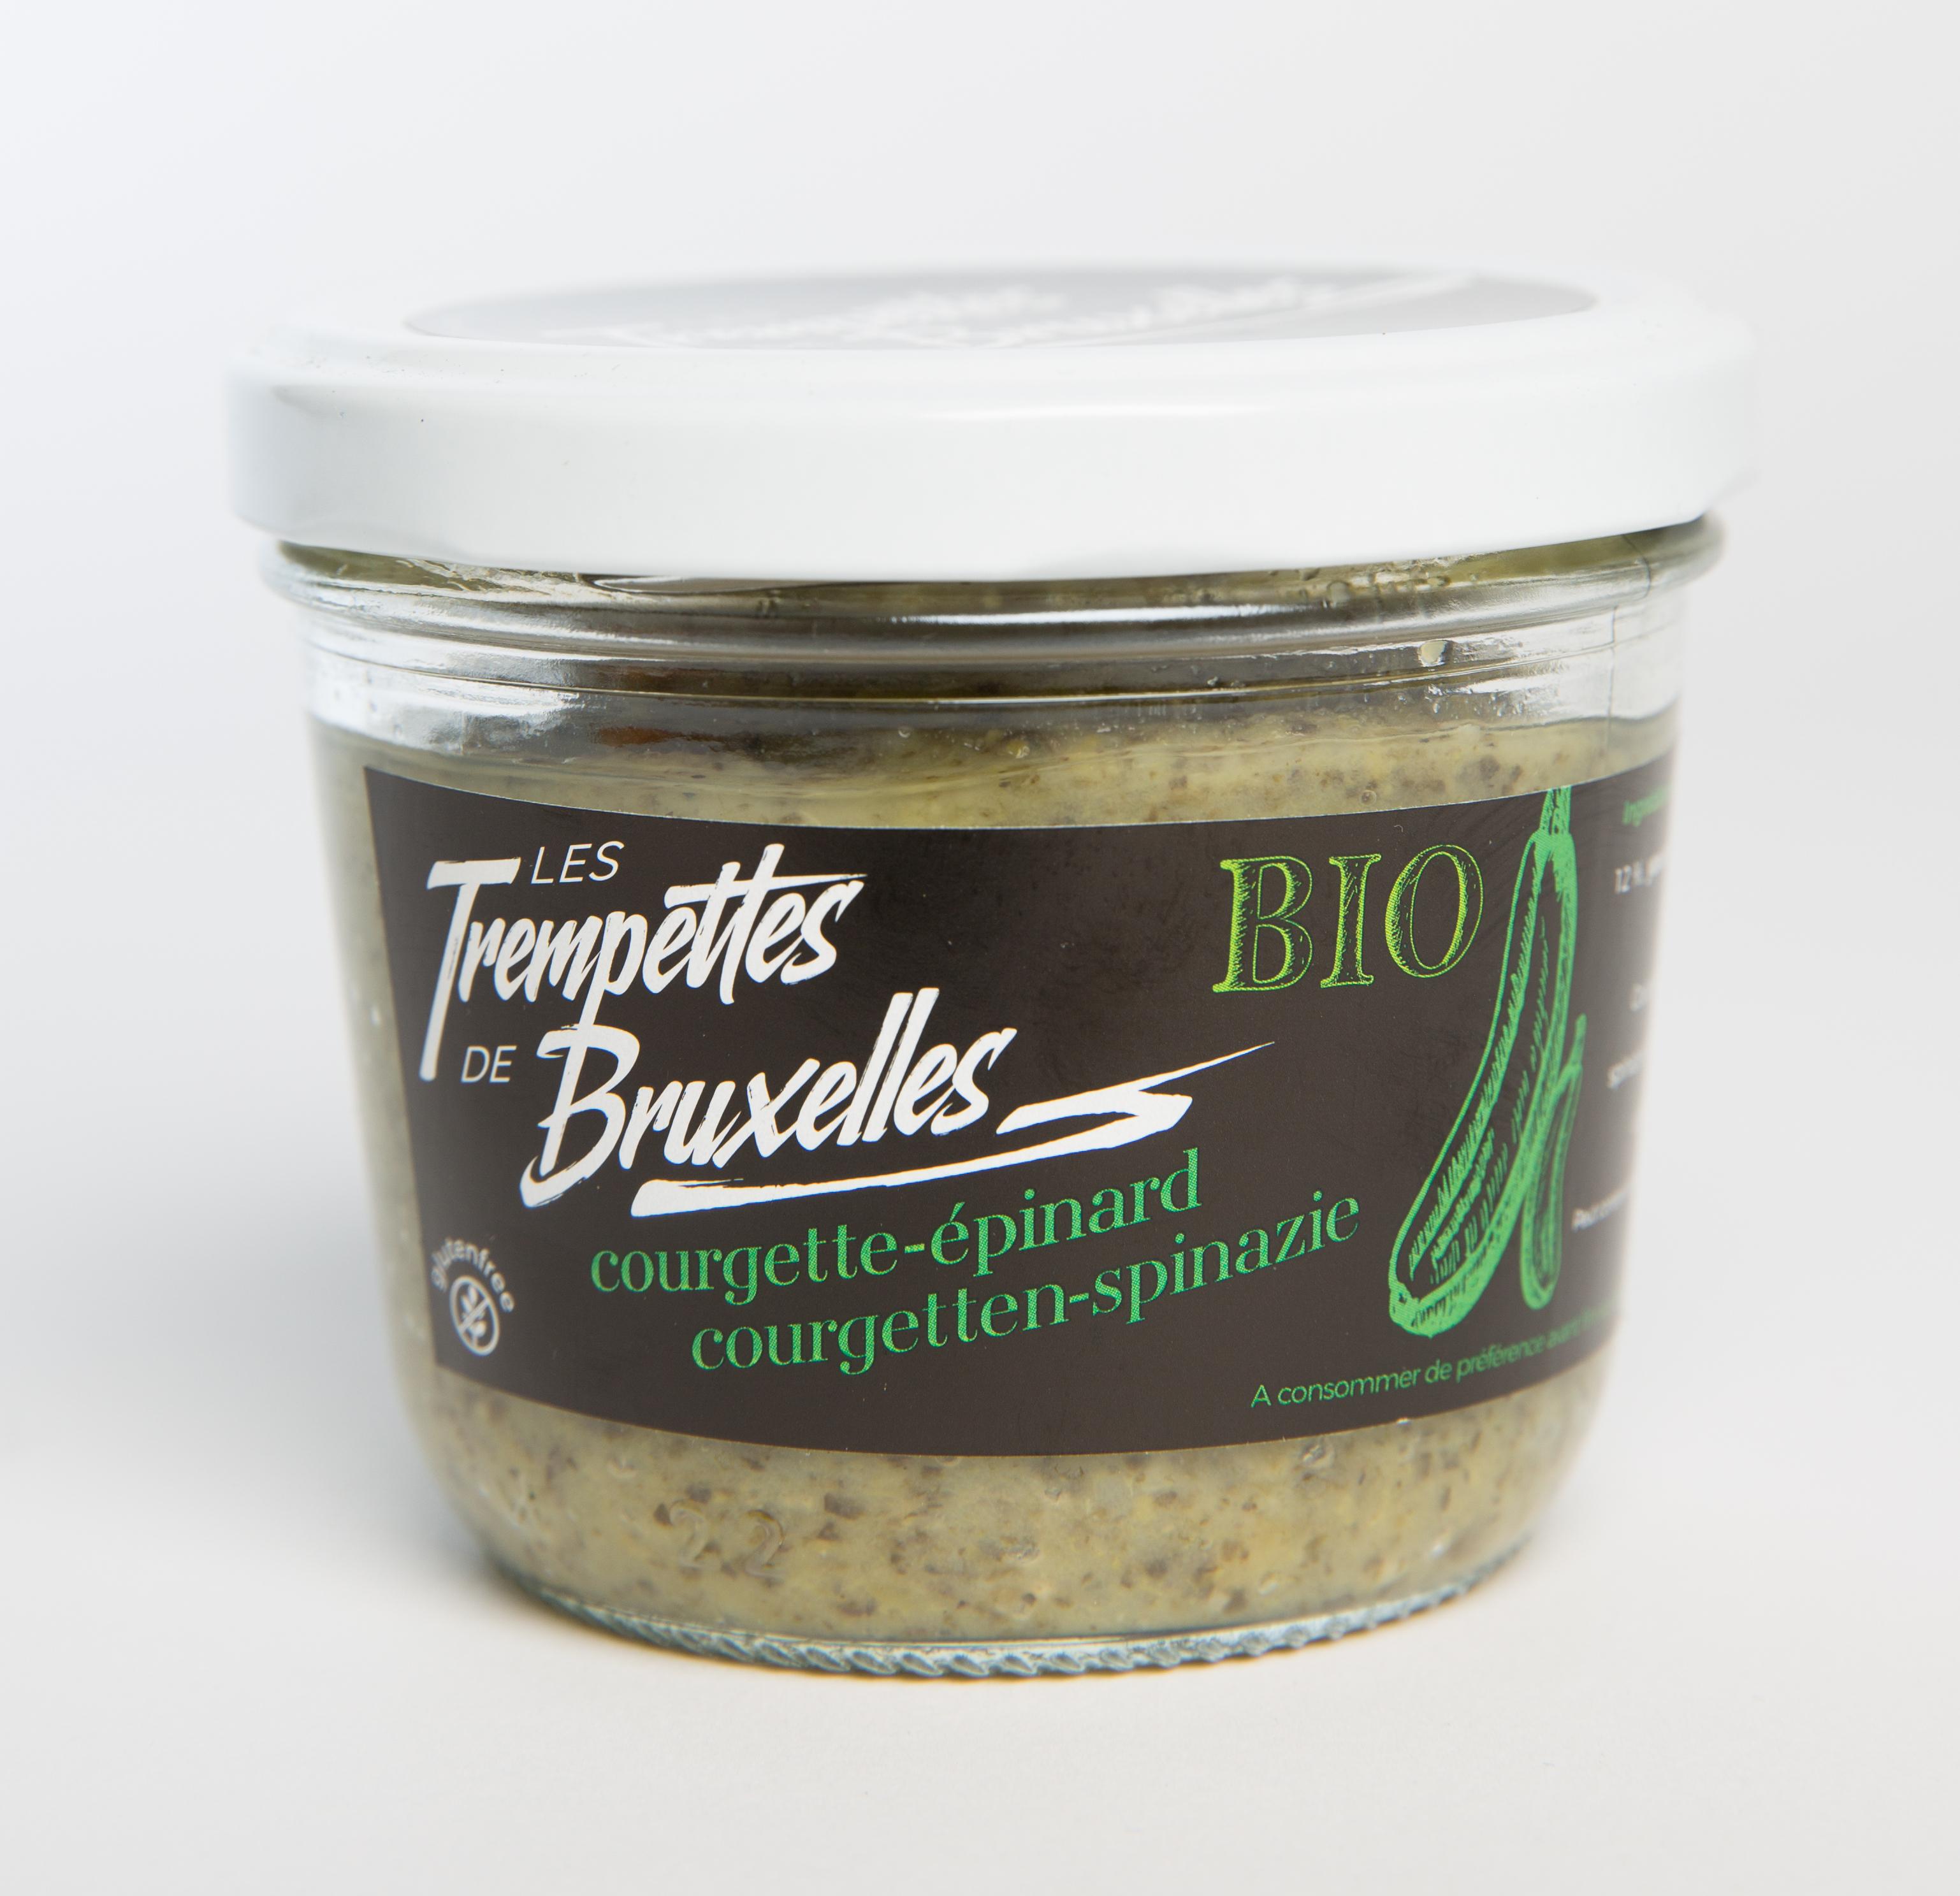 Trempettes saveur Courgette/Épinard BIO, Les Trempettes de Bruxelles (315 g)